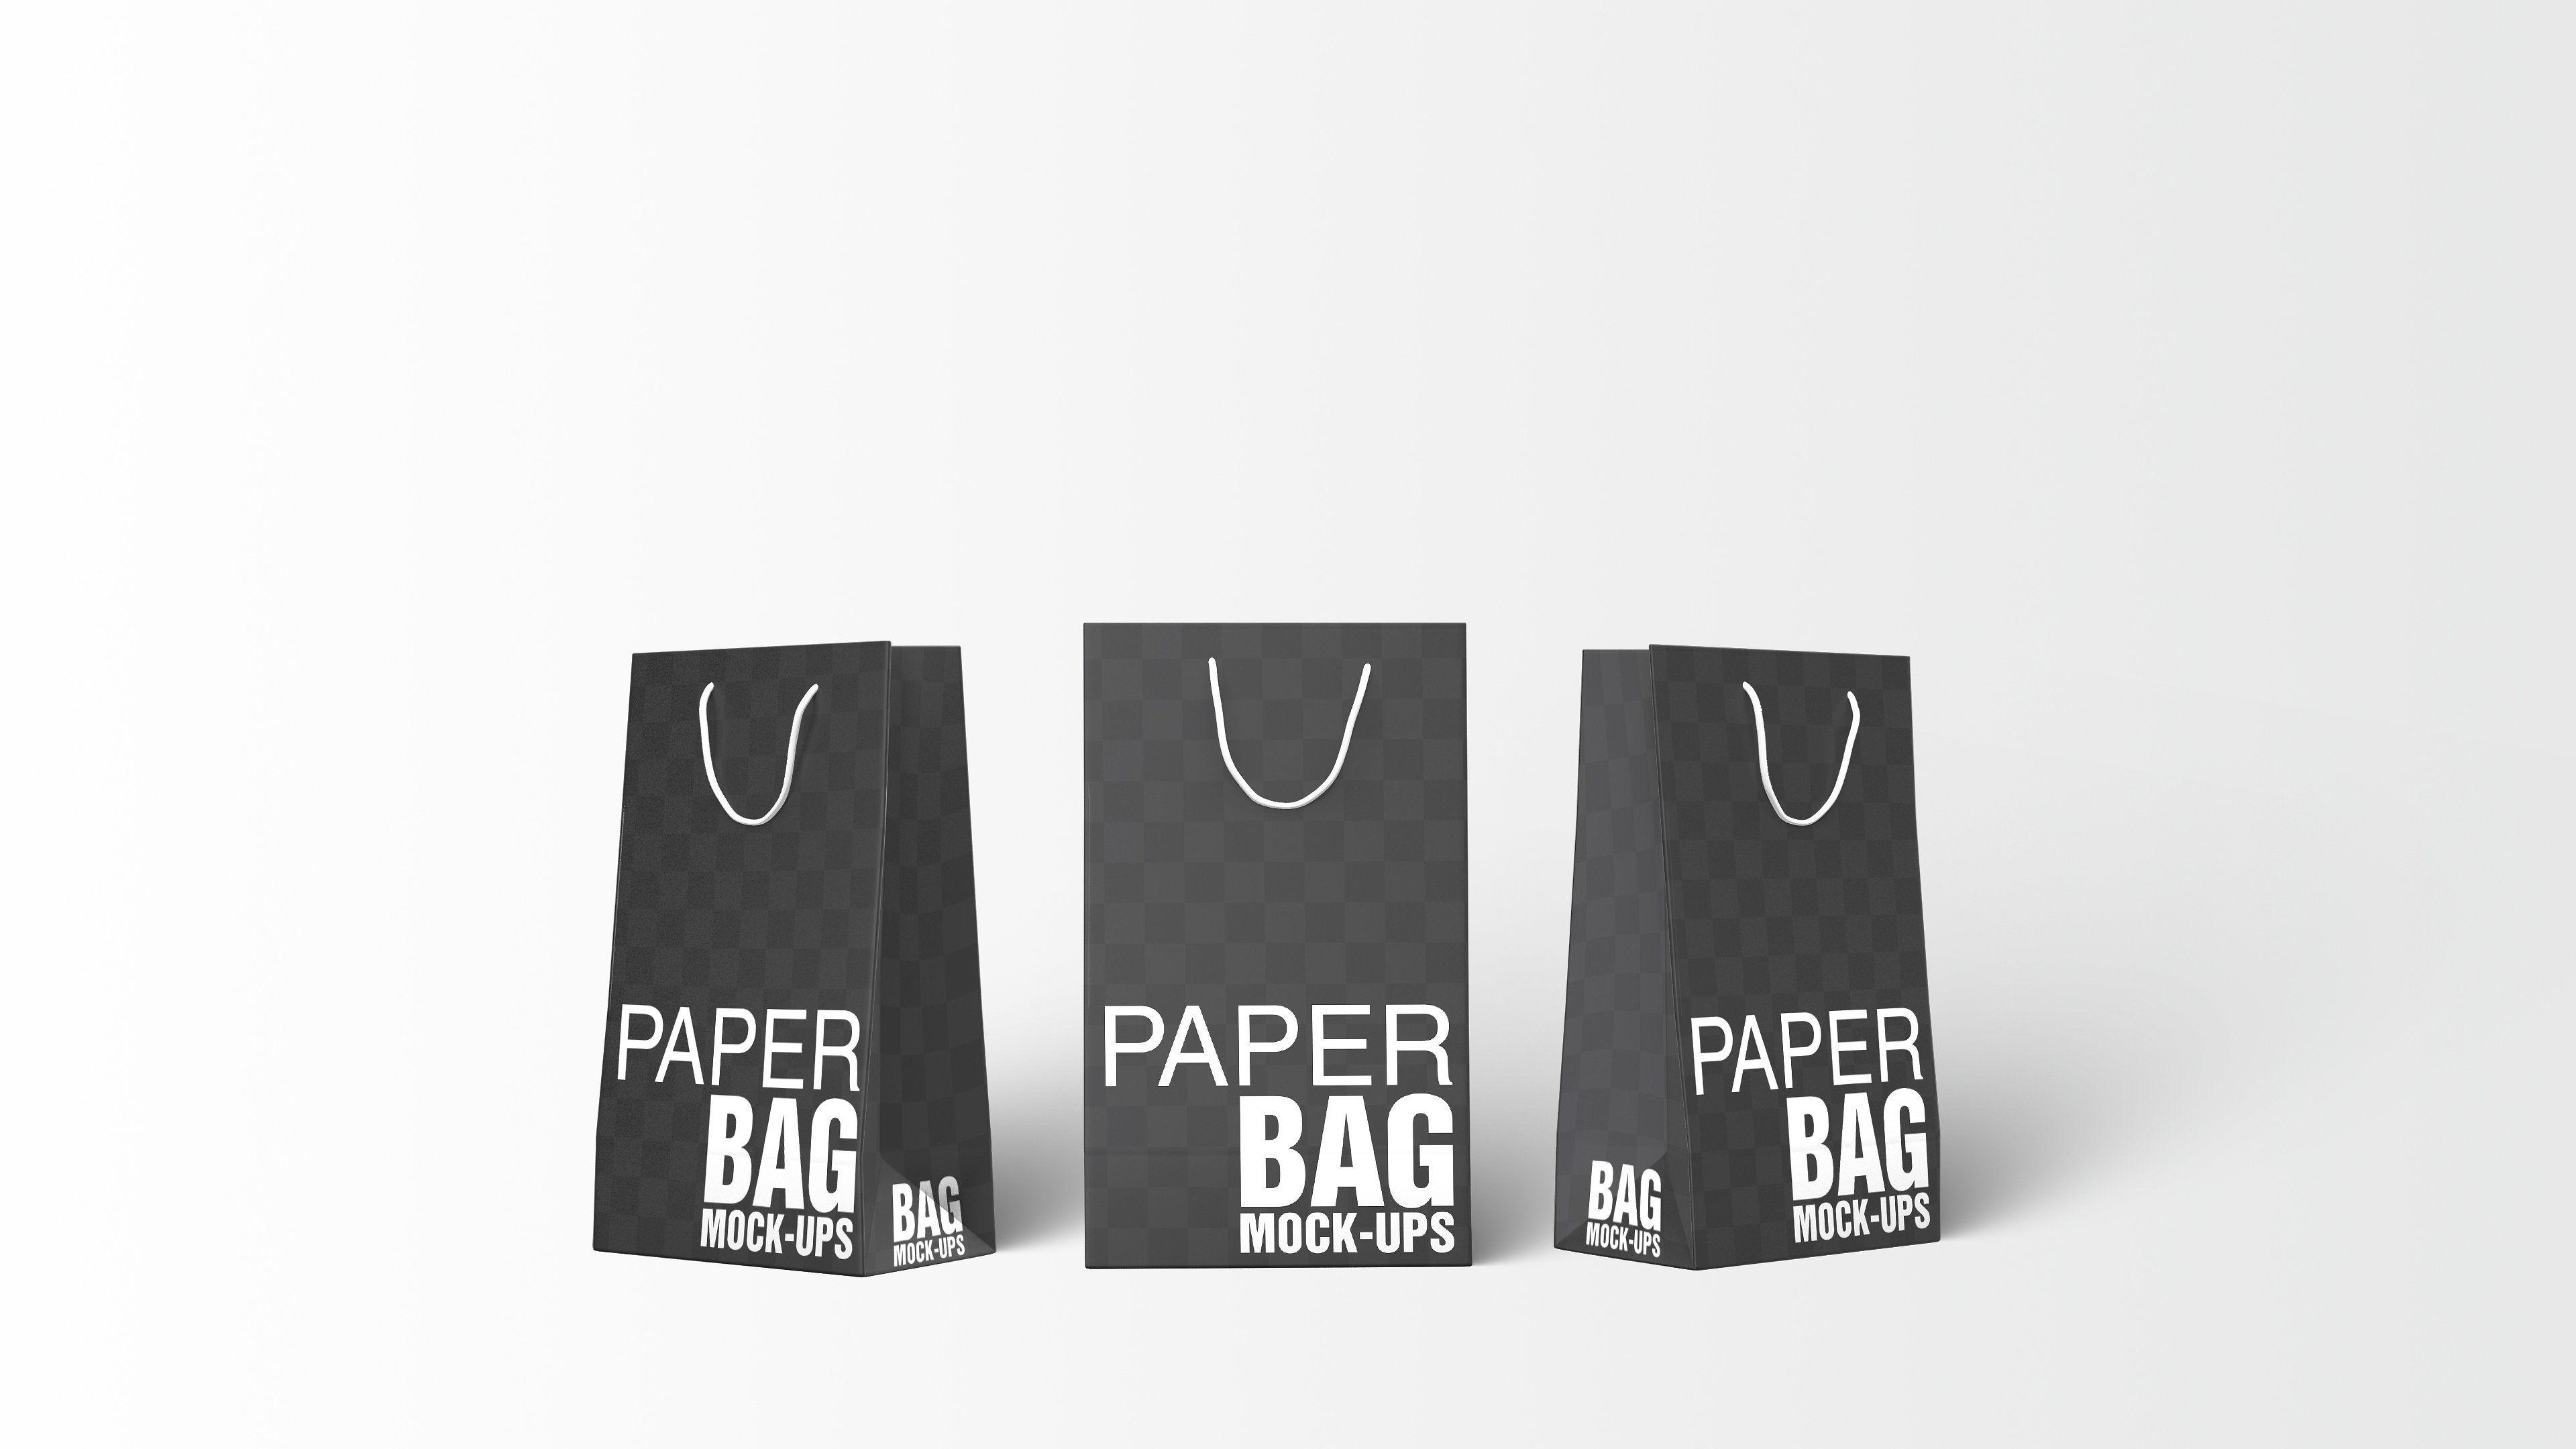 12278+ Paper Bag Landscape Mockup Packaging Mockups PSD